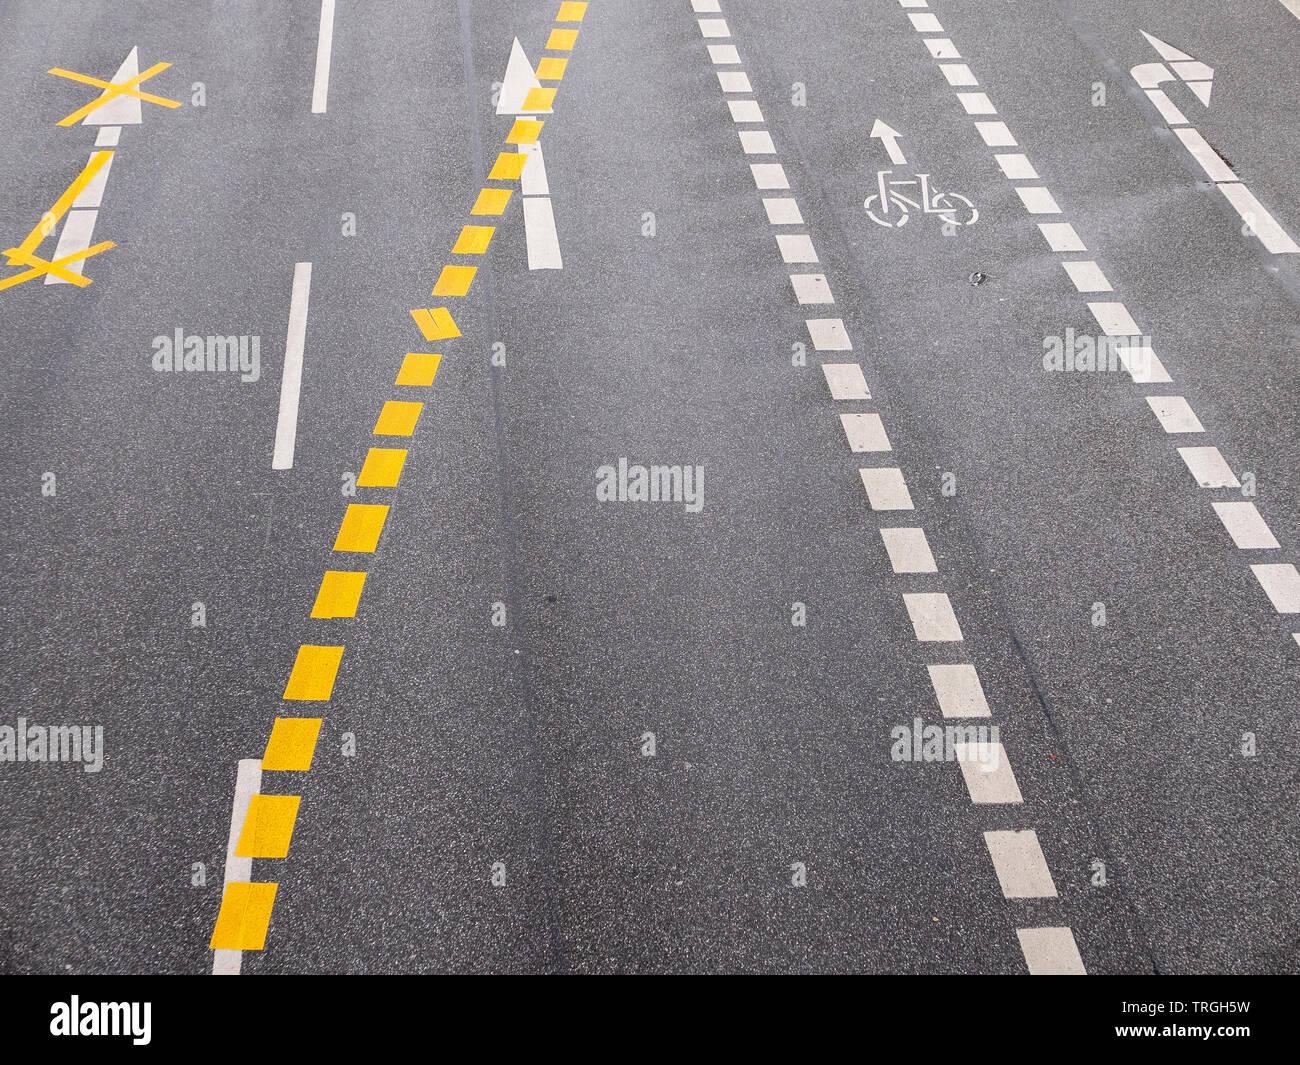 Straßenmarkierung - Stock Image